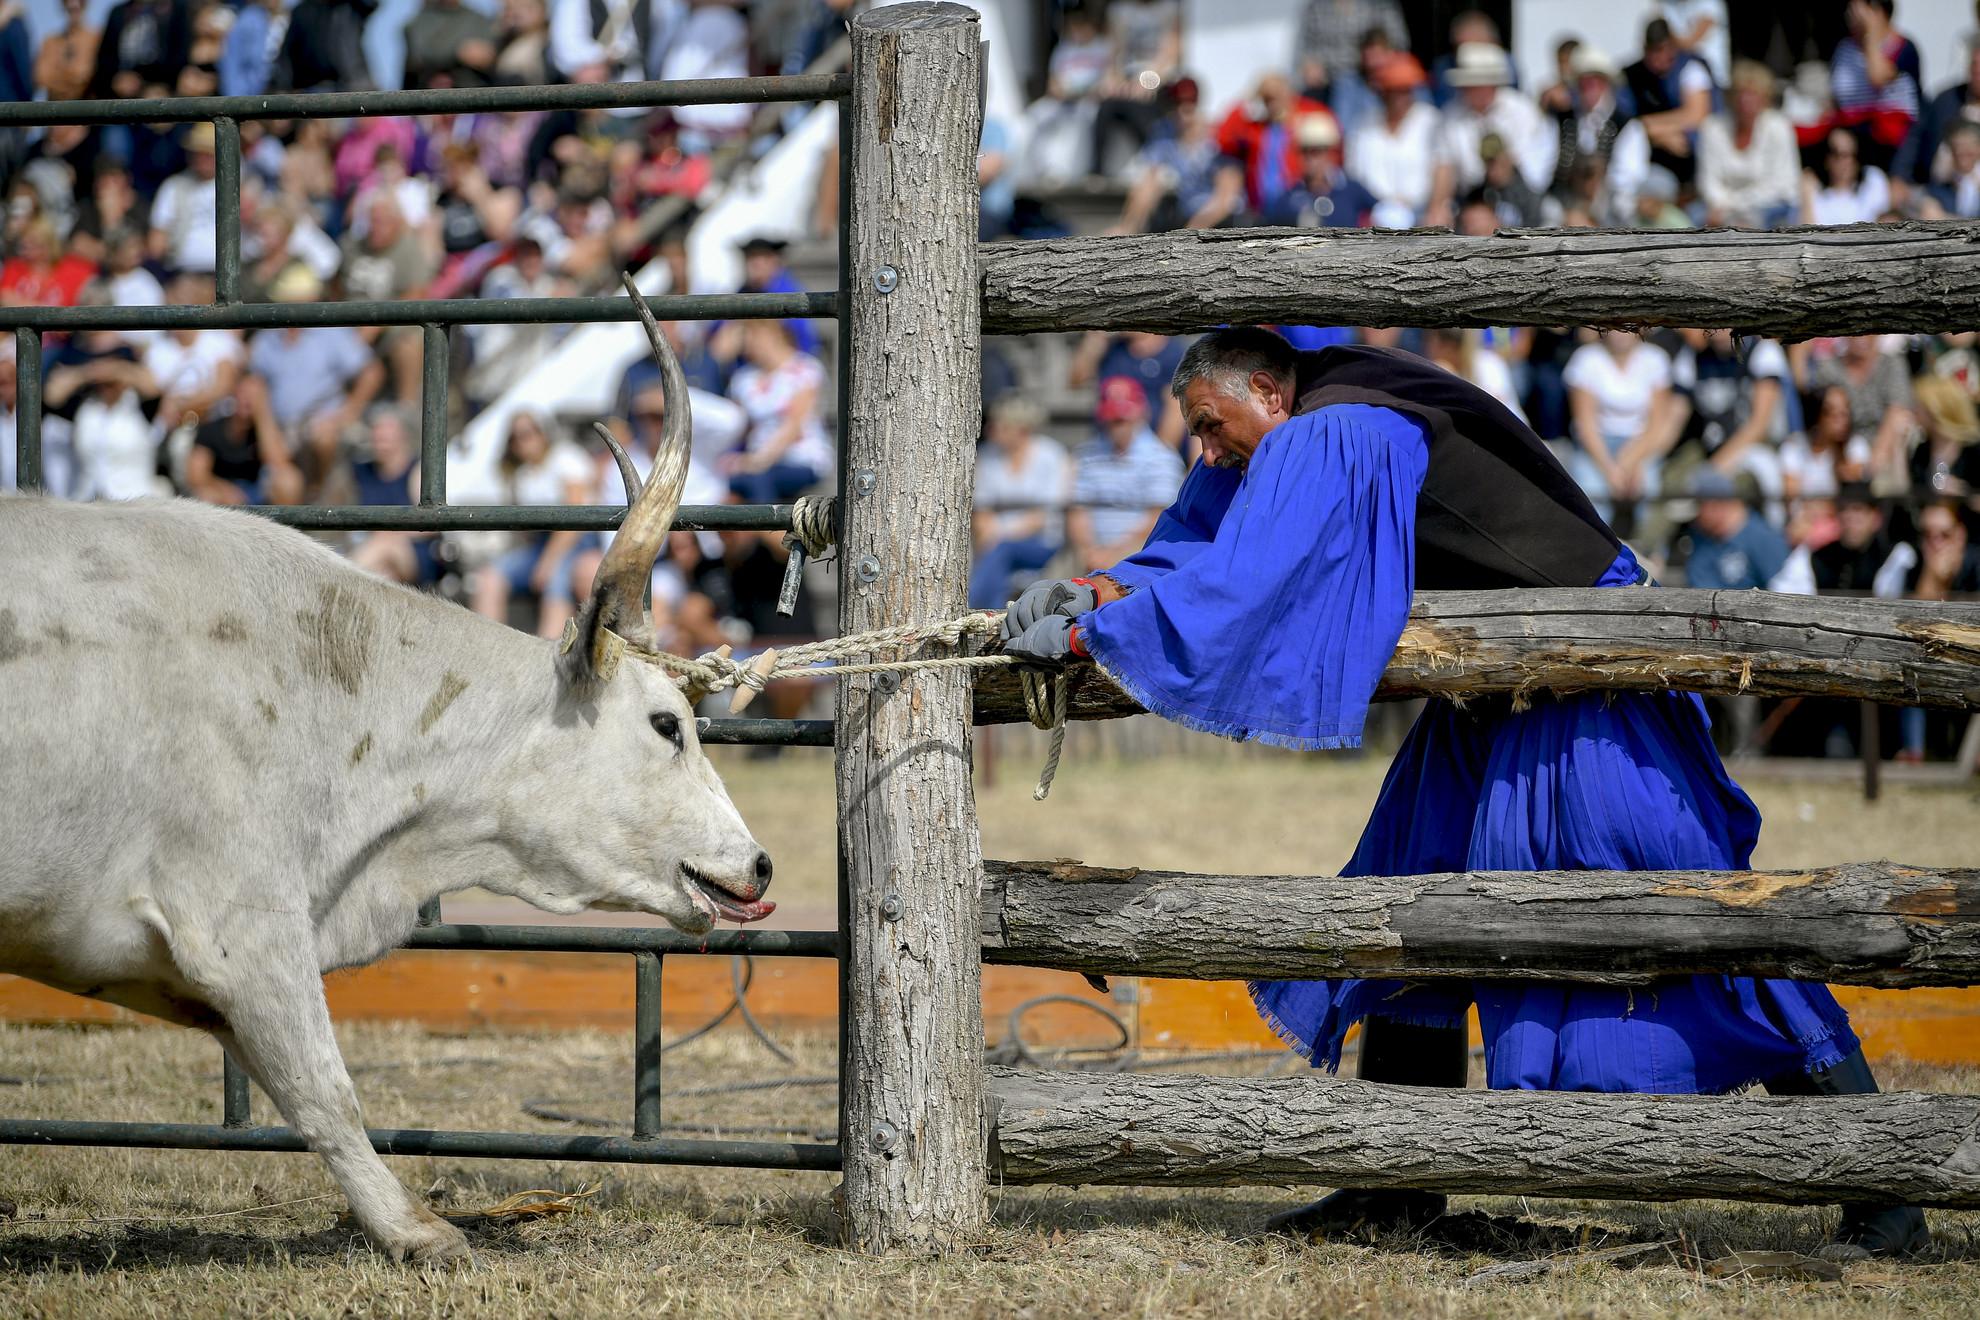 A marhakifogás versenyszám egyik résztvevője a 24. gulyásversenyen és pásztortalálkozón Hortobágyon 2020. szeptember 19-én